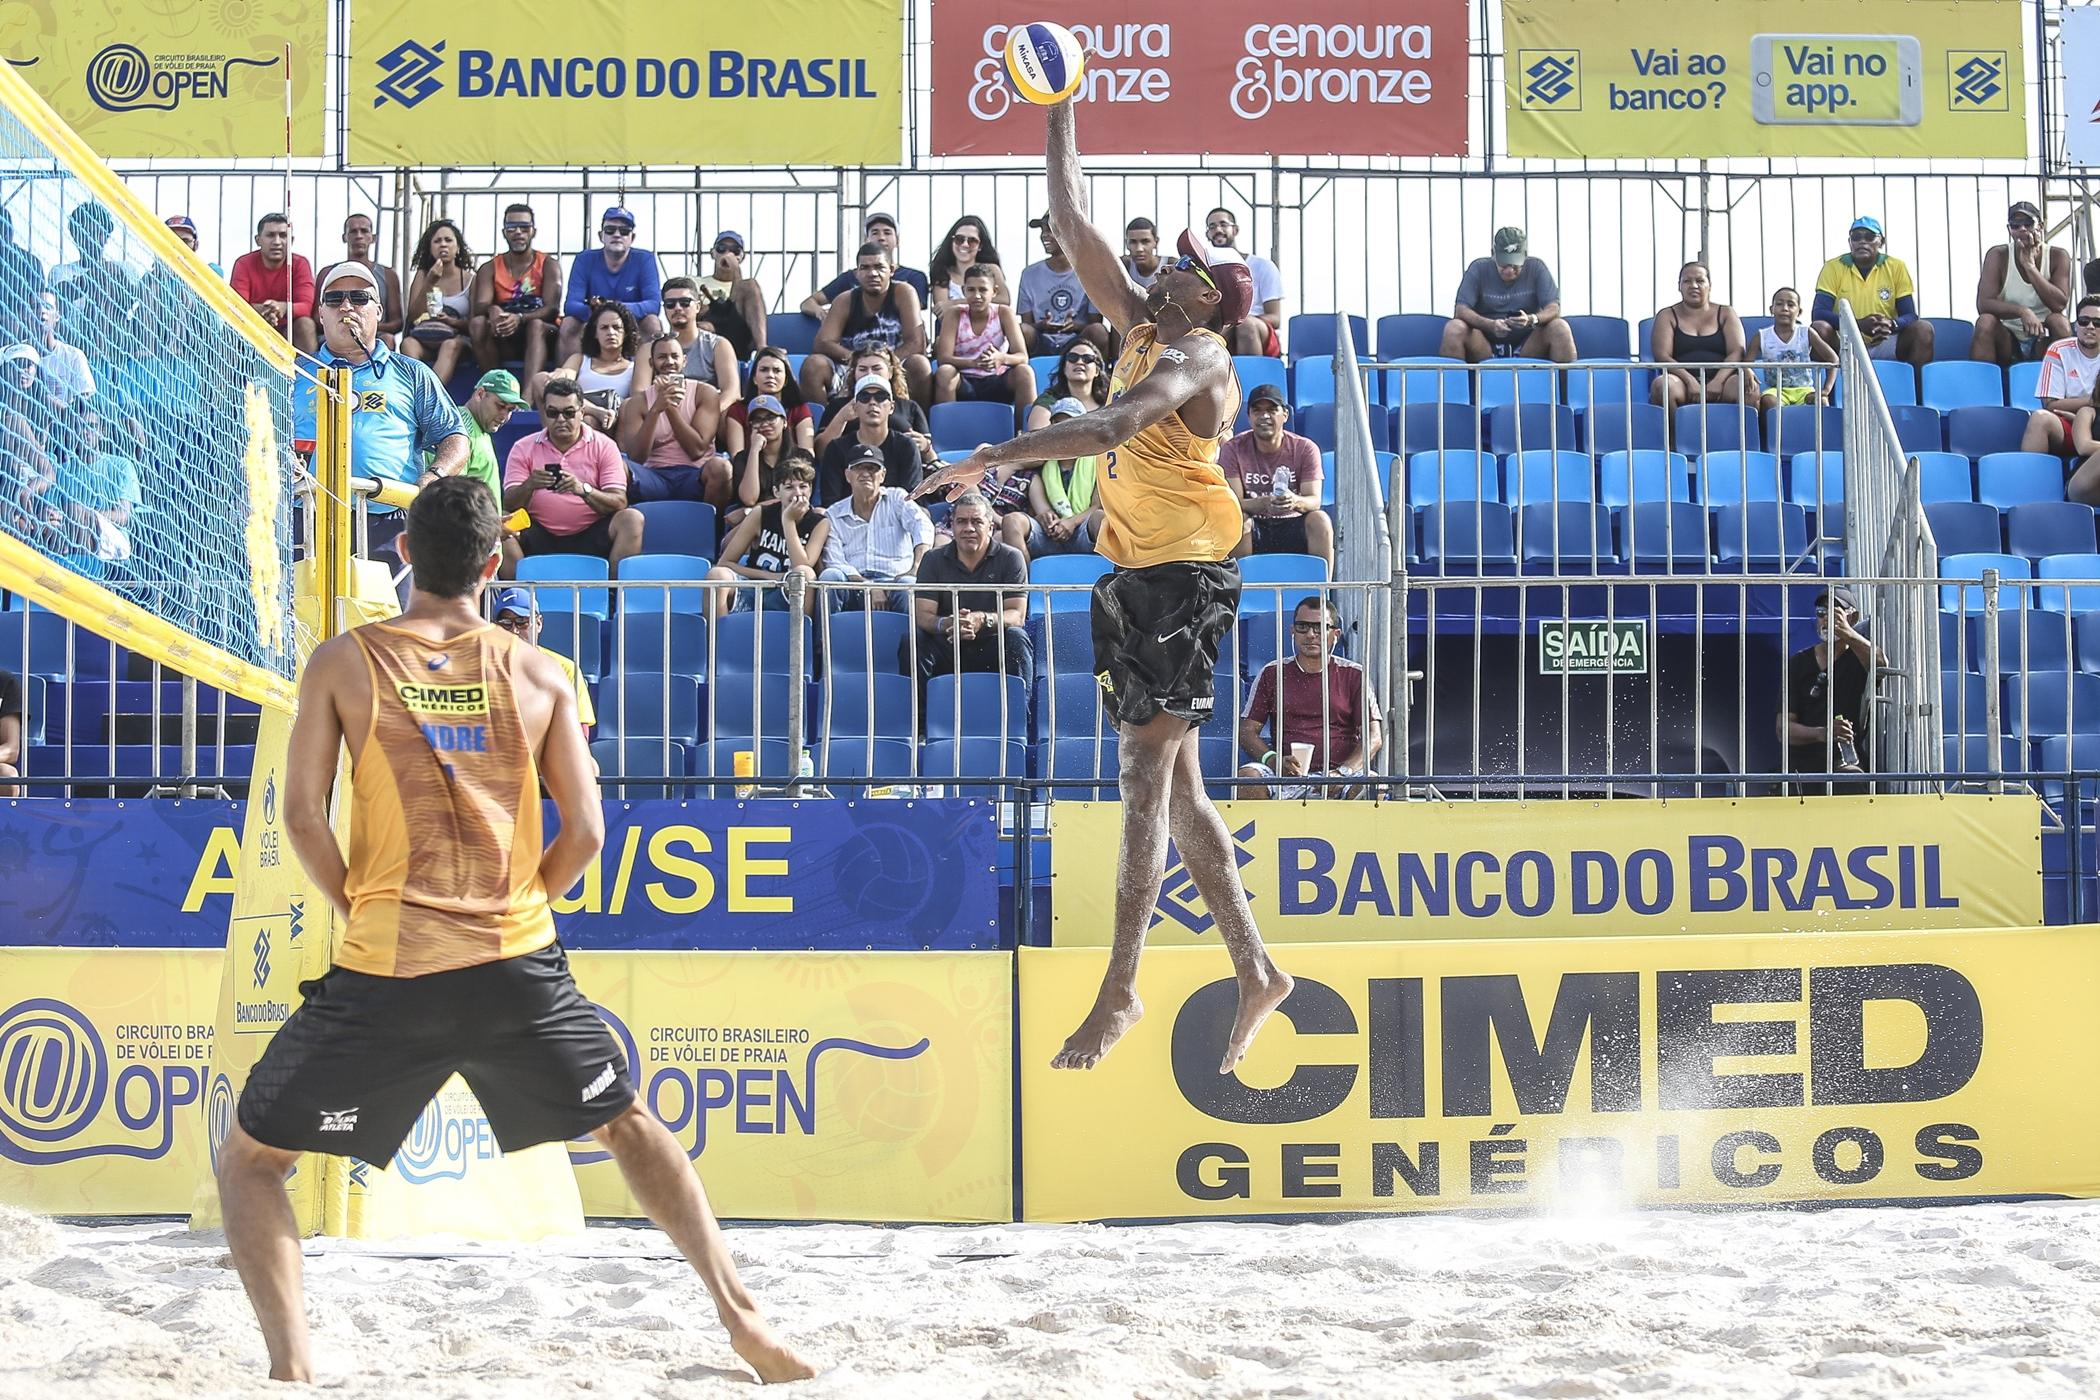 Semifinais definidas em Aracaju com campeões antecipados e retorno de Jô/Léo